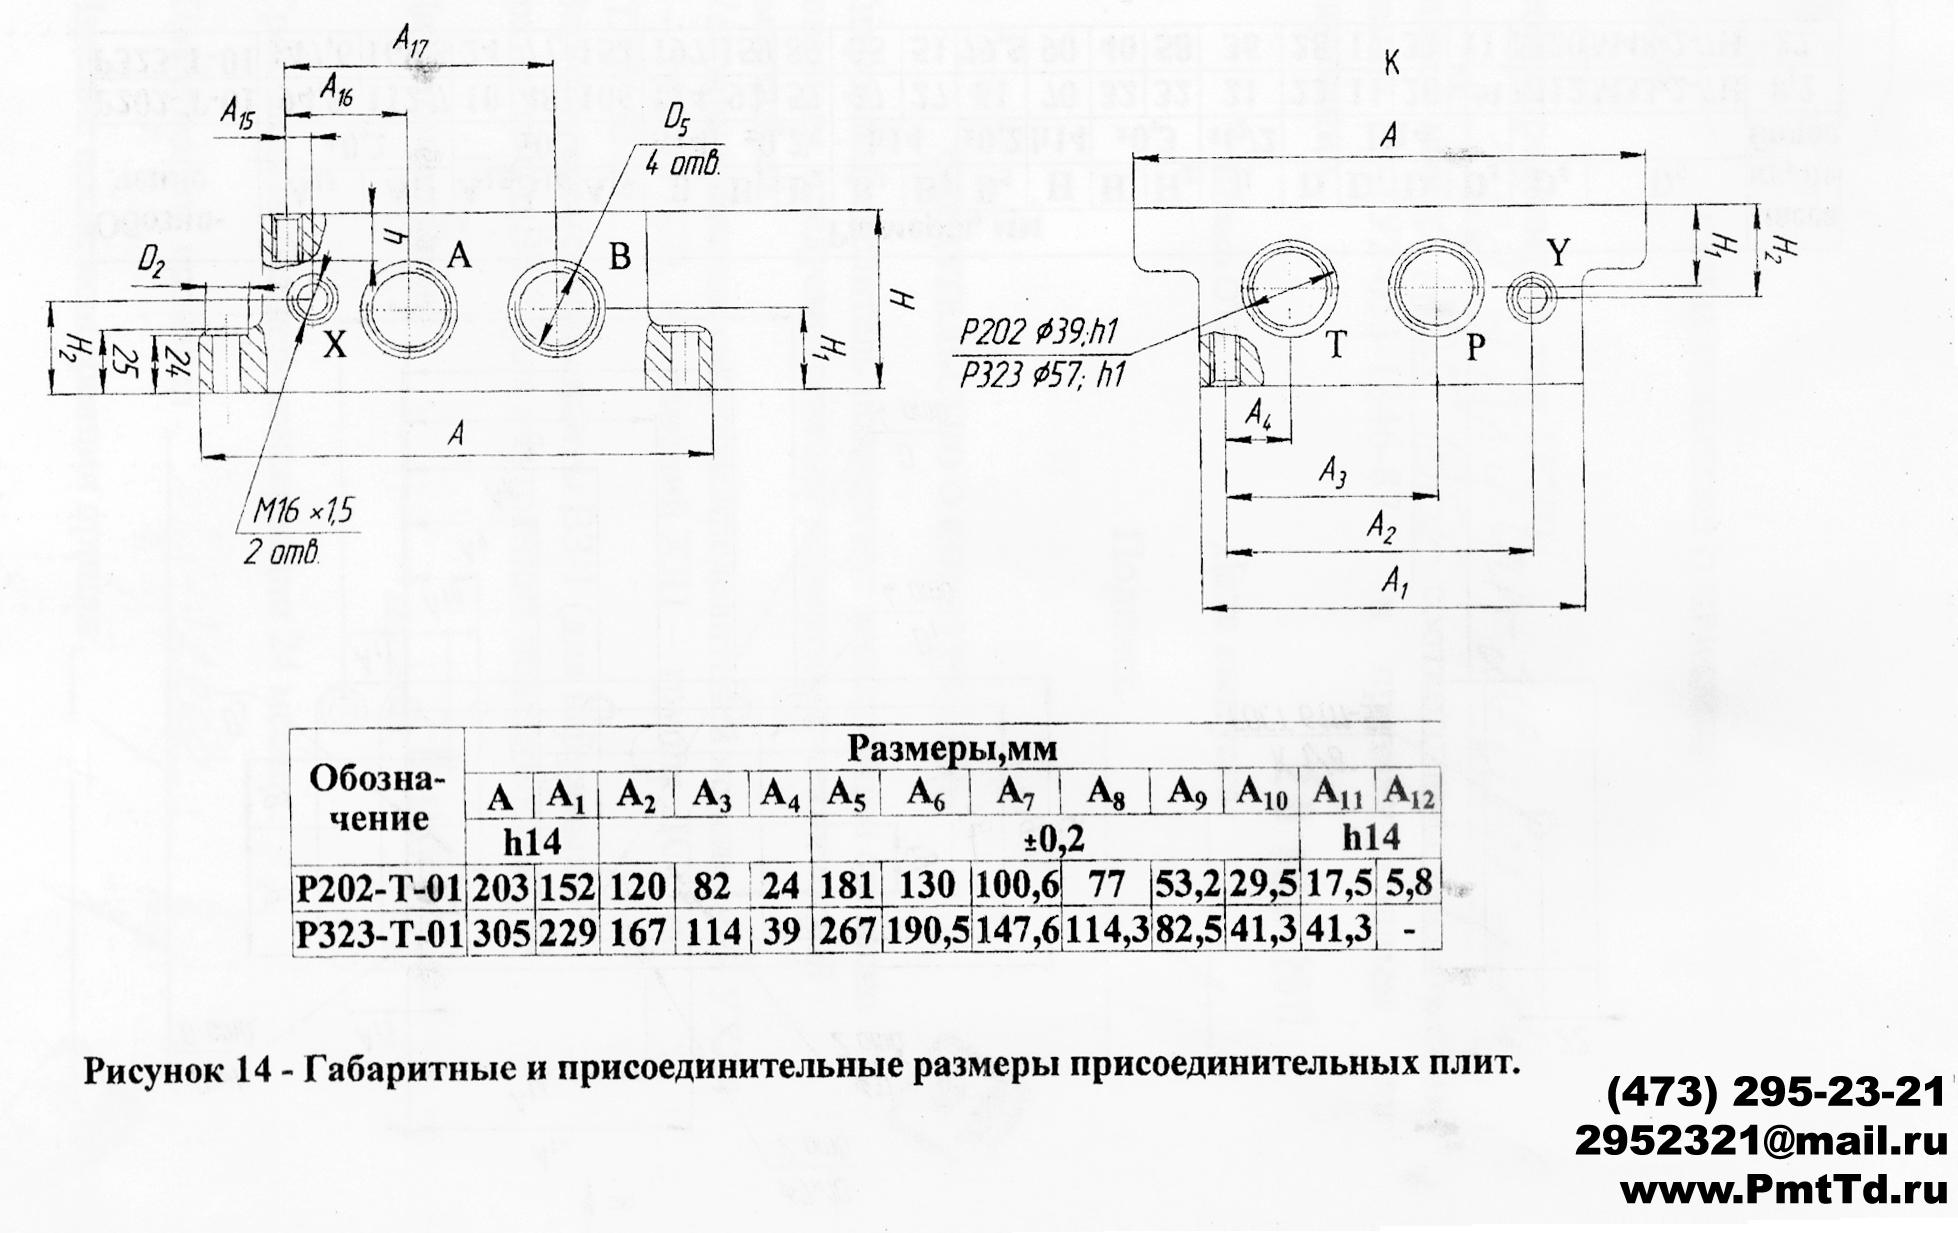 Габаритные и присоединительные размеры присоединительных плит Р202 1Р203 1Р322 1Р323 1Рн203 1Рн323